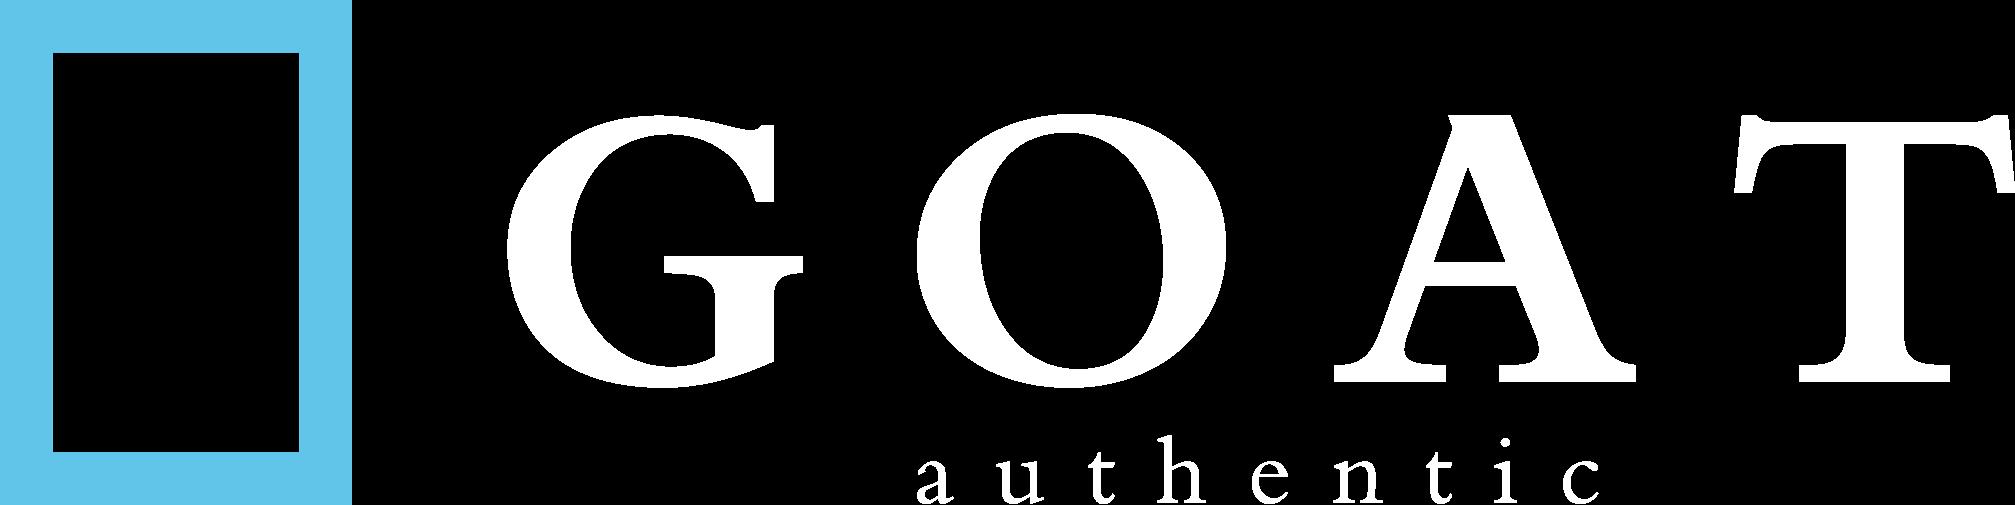 Cimeli firmati dalle più grandi leggende sportive logo